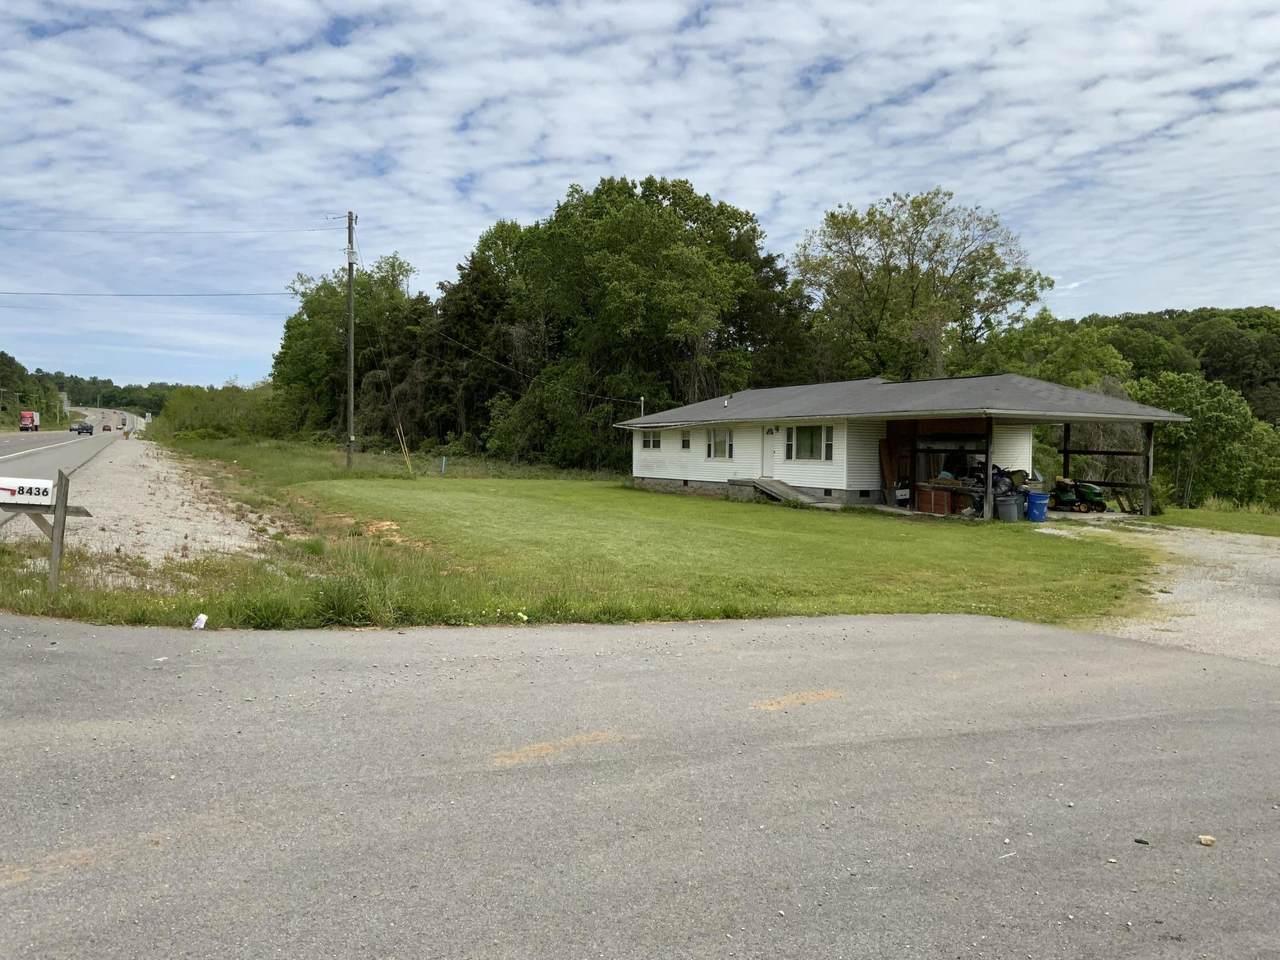 8436 Maynardville Pike - Photo 1